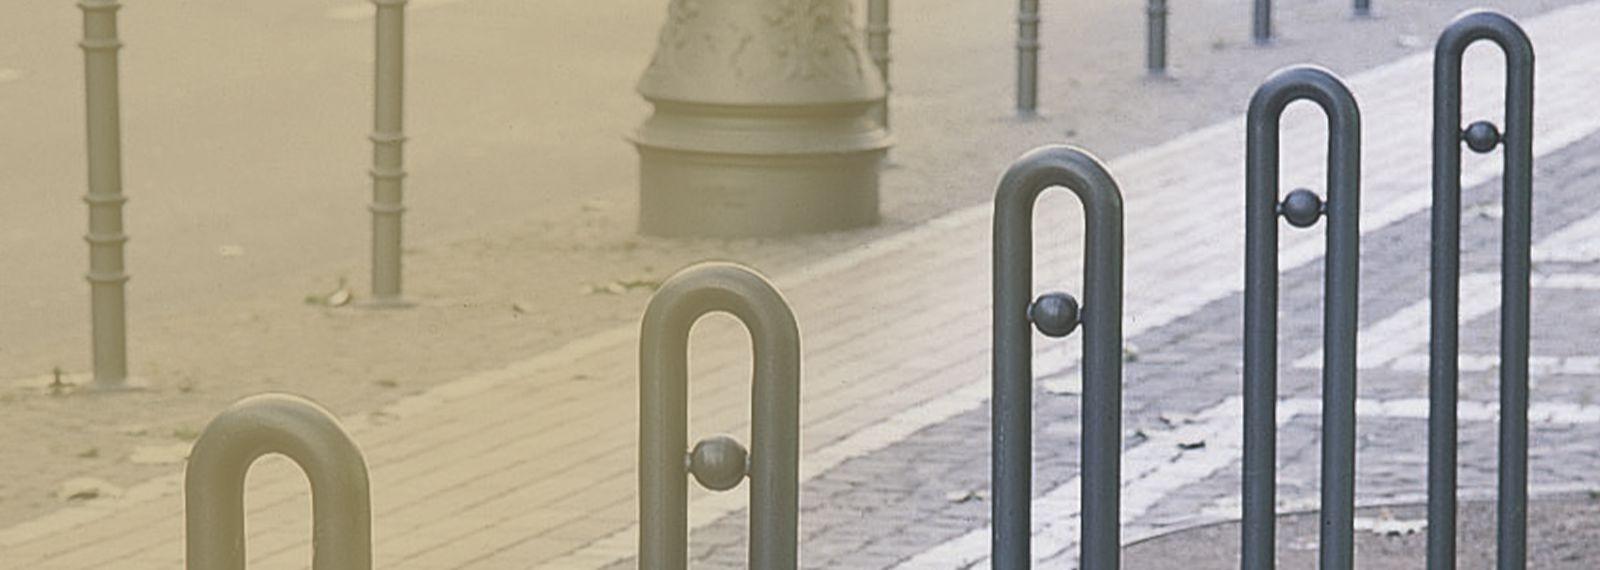 Fahrradständer GOTIK